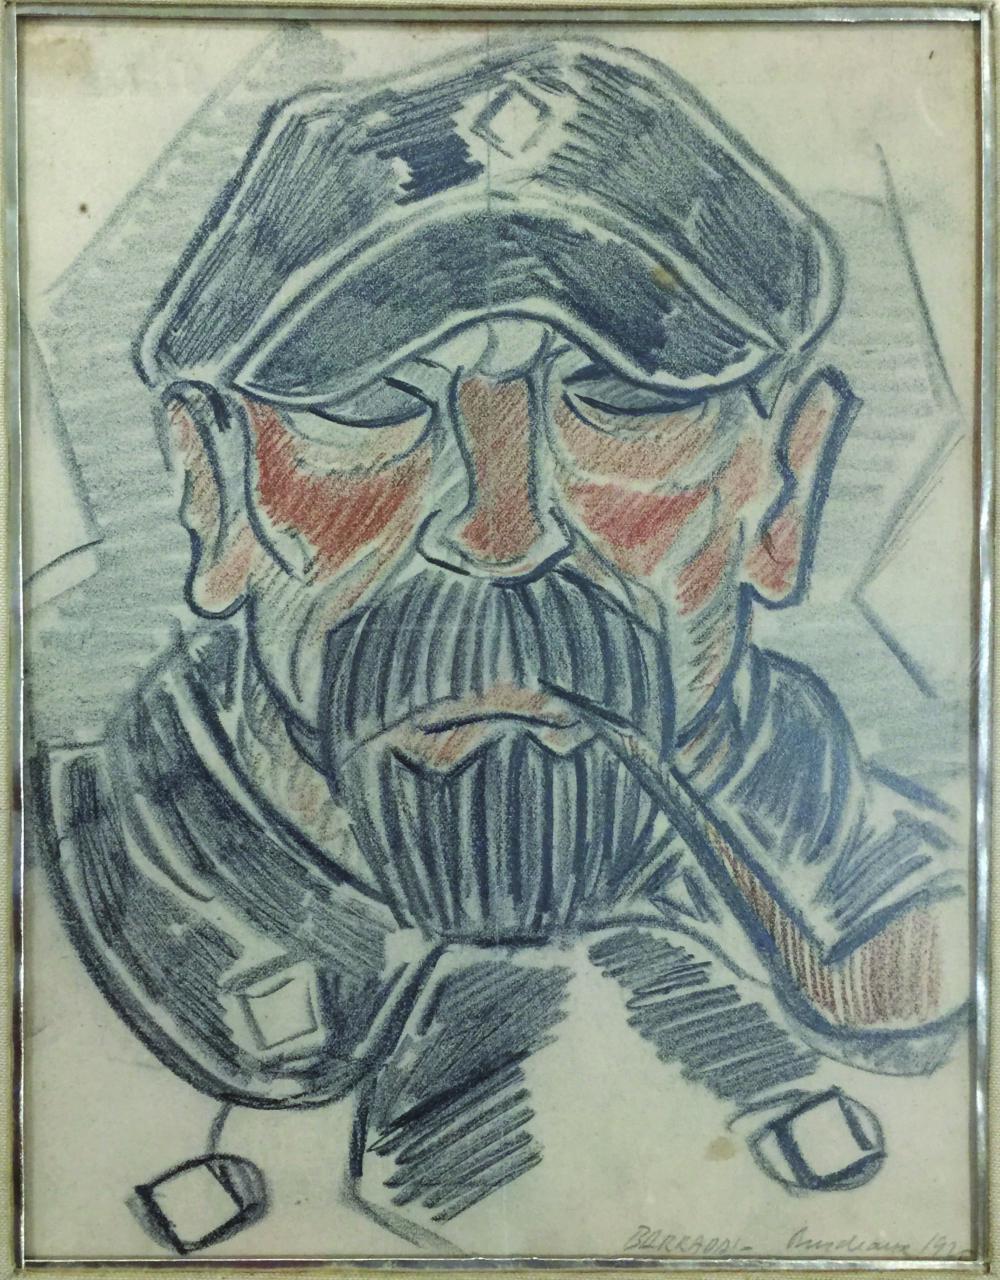 """RAFAEL BARRADAS (1890 - 1929). Lápiz sobre papel """"Marinero del Cantábrico"""". Firmado, situado Burdeaux y fechado """"1925"""" abajo a la derecha. Medidas: alto 26 cm - ancho 20 cm."""